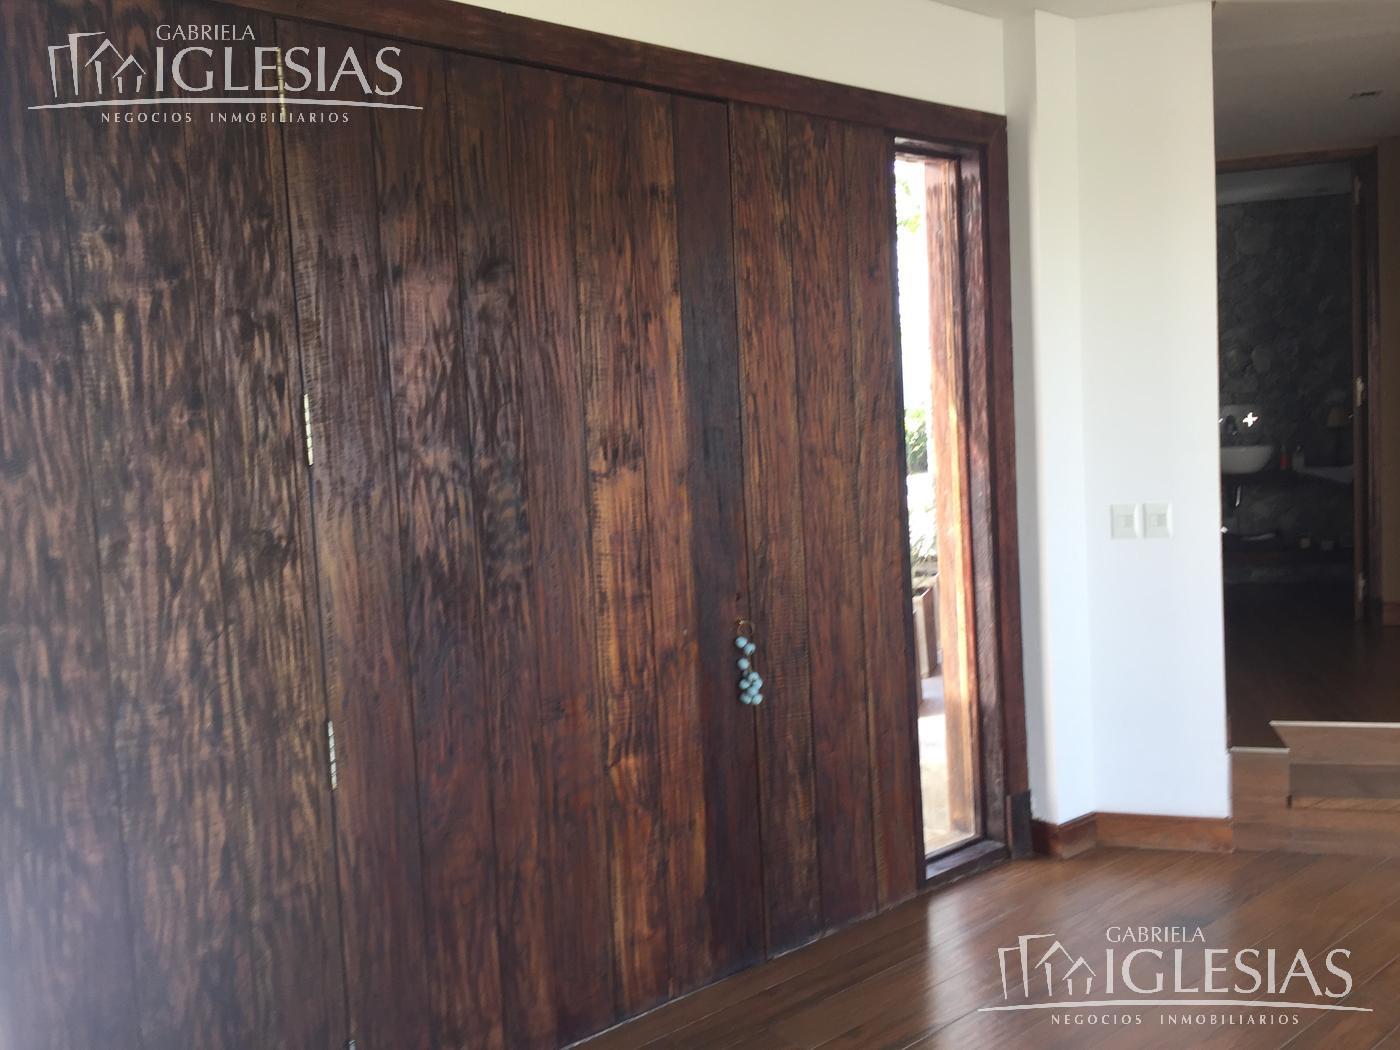 Casa en Alquiler Venta en El Golf a Alquiler - $ 100.000 Venta - u$s 1.400.000